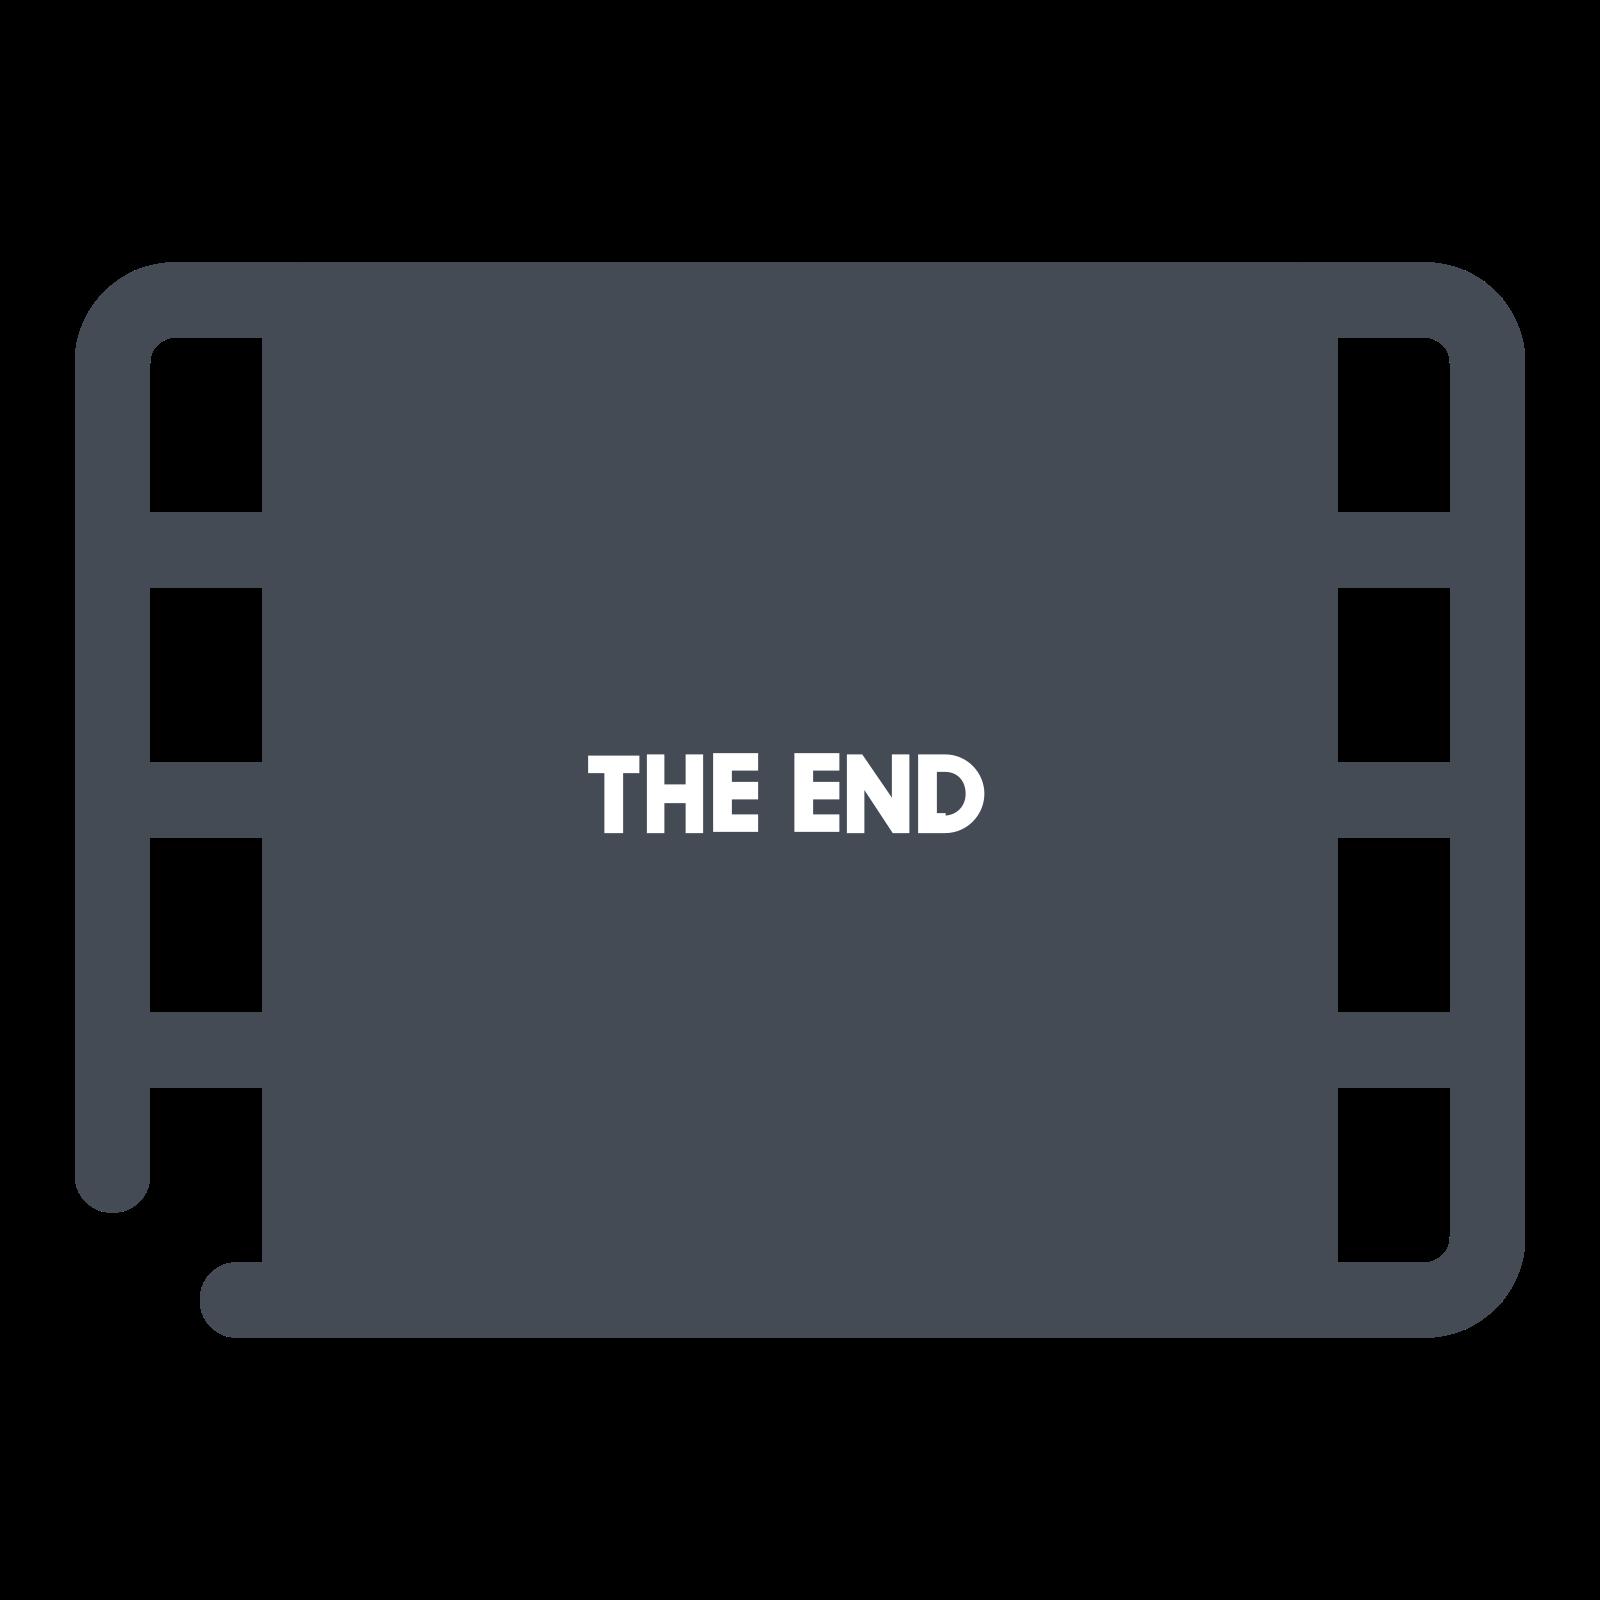 Koniec filmu icon